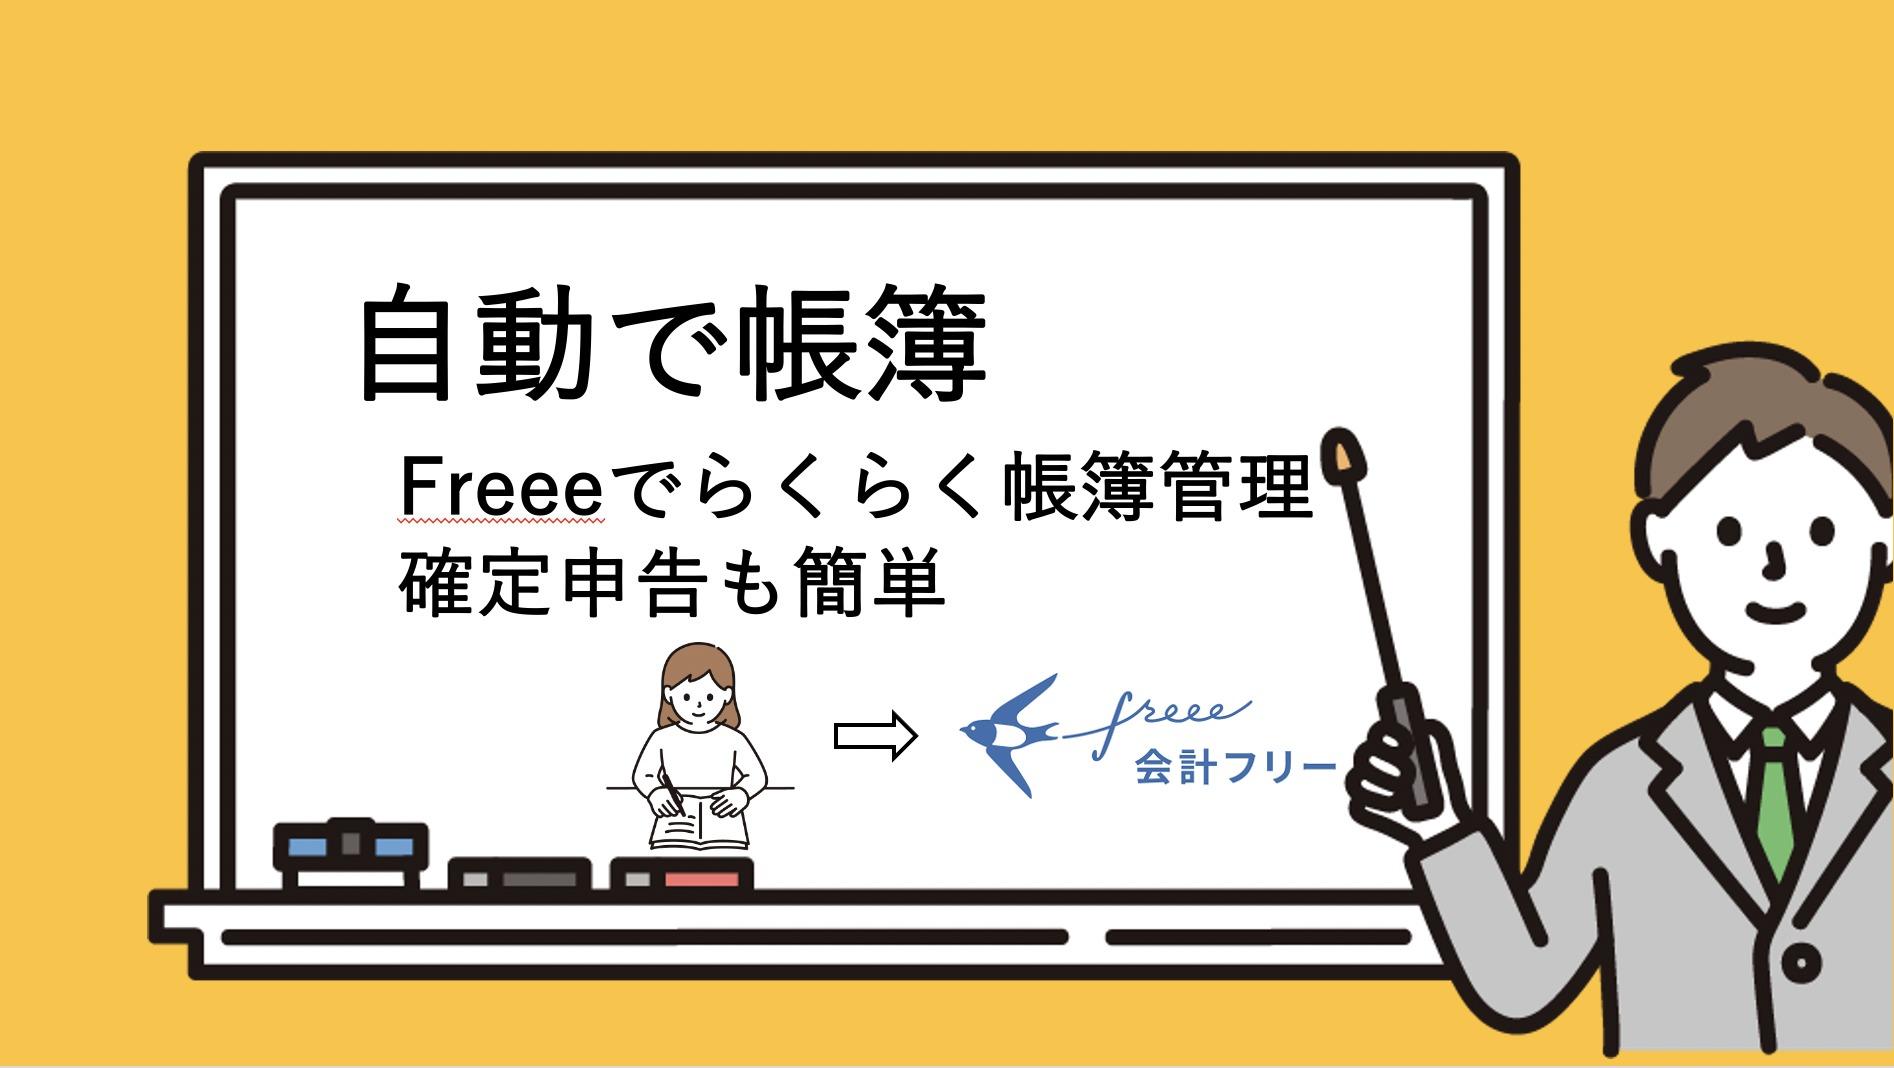 【第45回】Freeeでらくらく確定申告